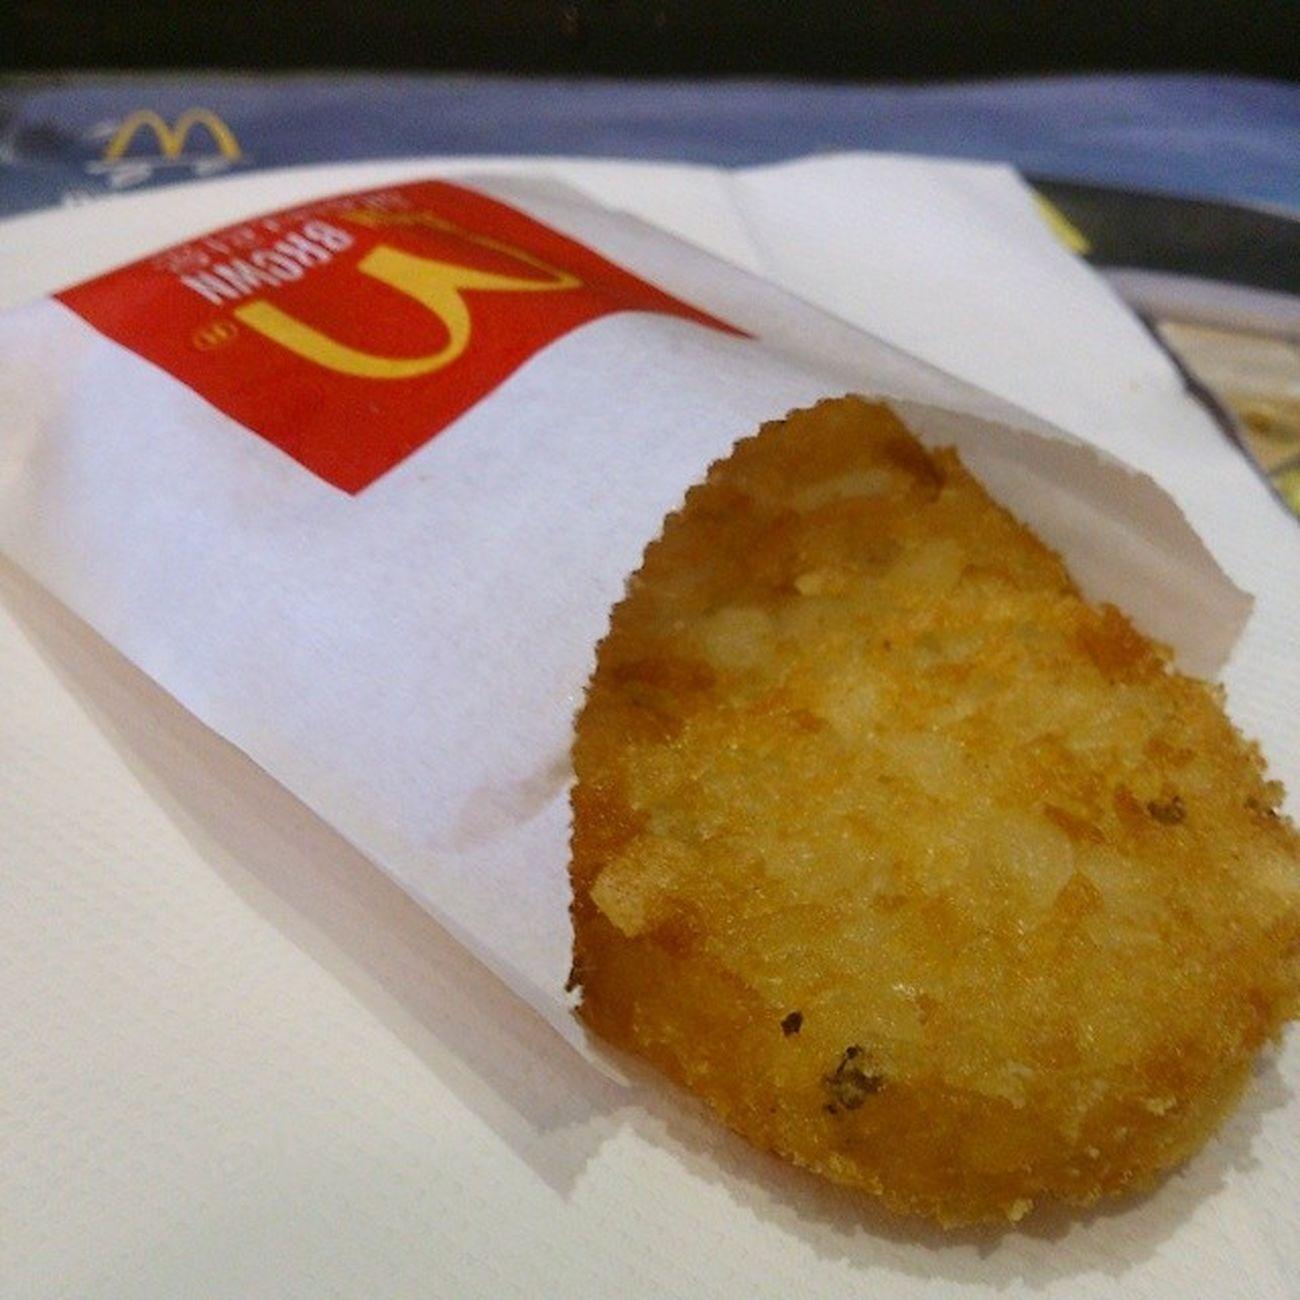 맥도날드 해쉬브라운 먹스타그램 맥도날드 해쉬브라운